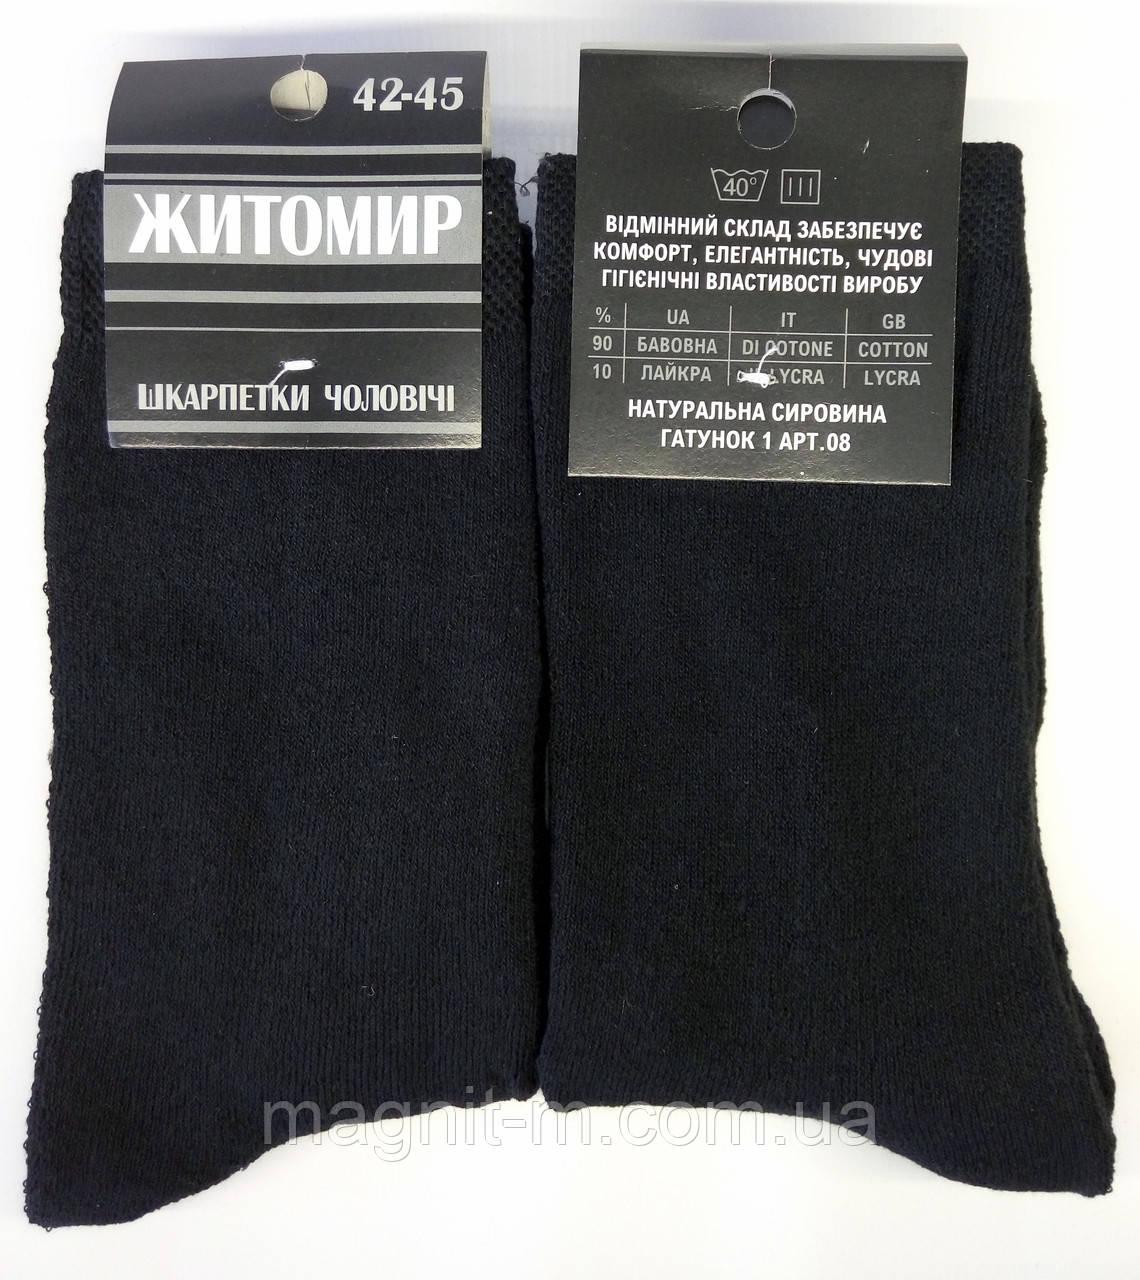 Шкарпетки ЖИТОМИР. Махра. Чорні. Р-Р 42-45.